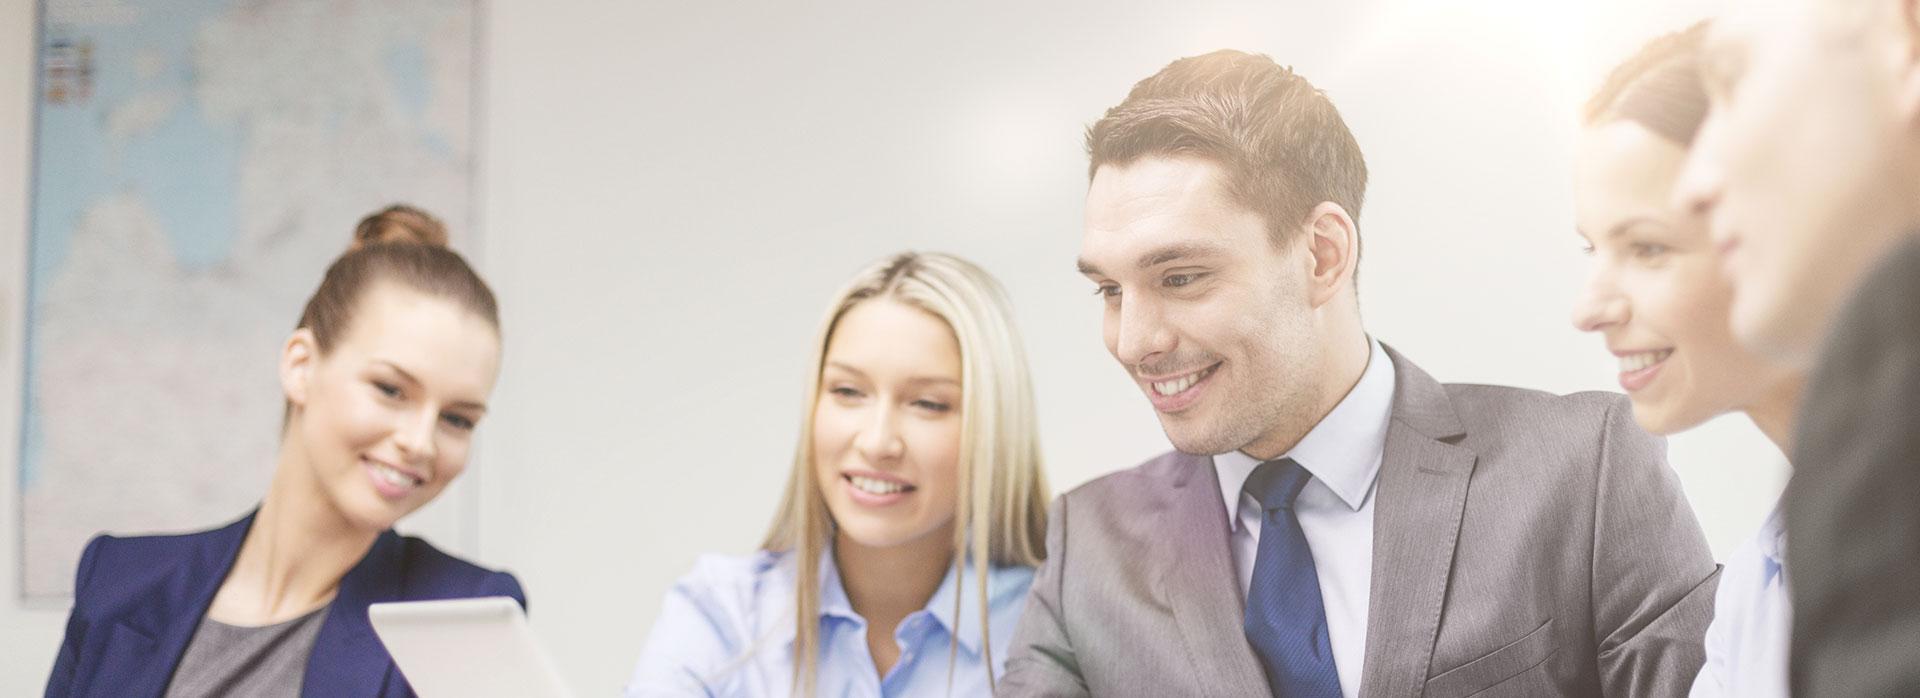 recruitment-vision-candidates